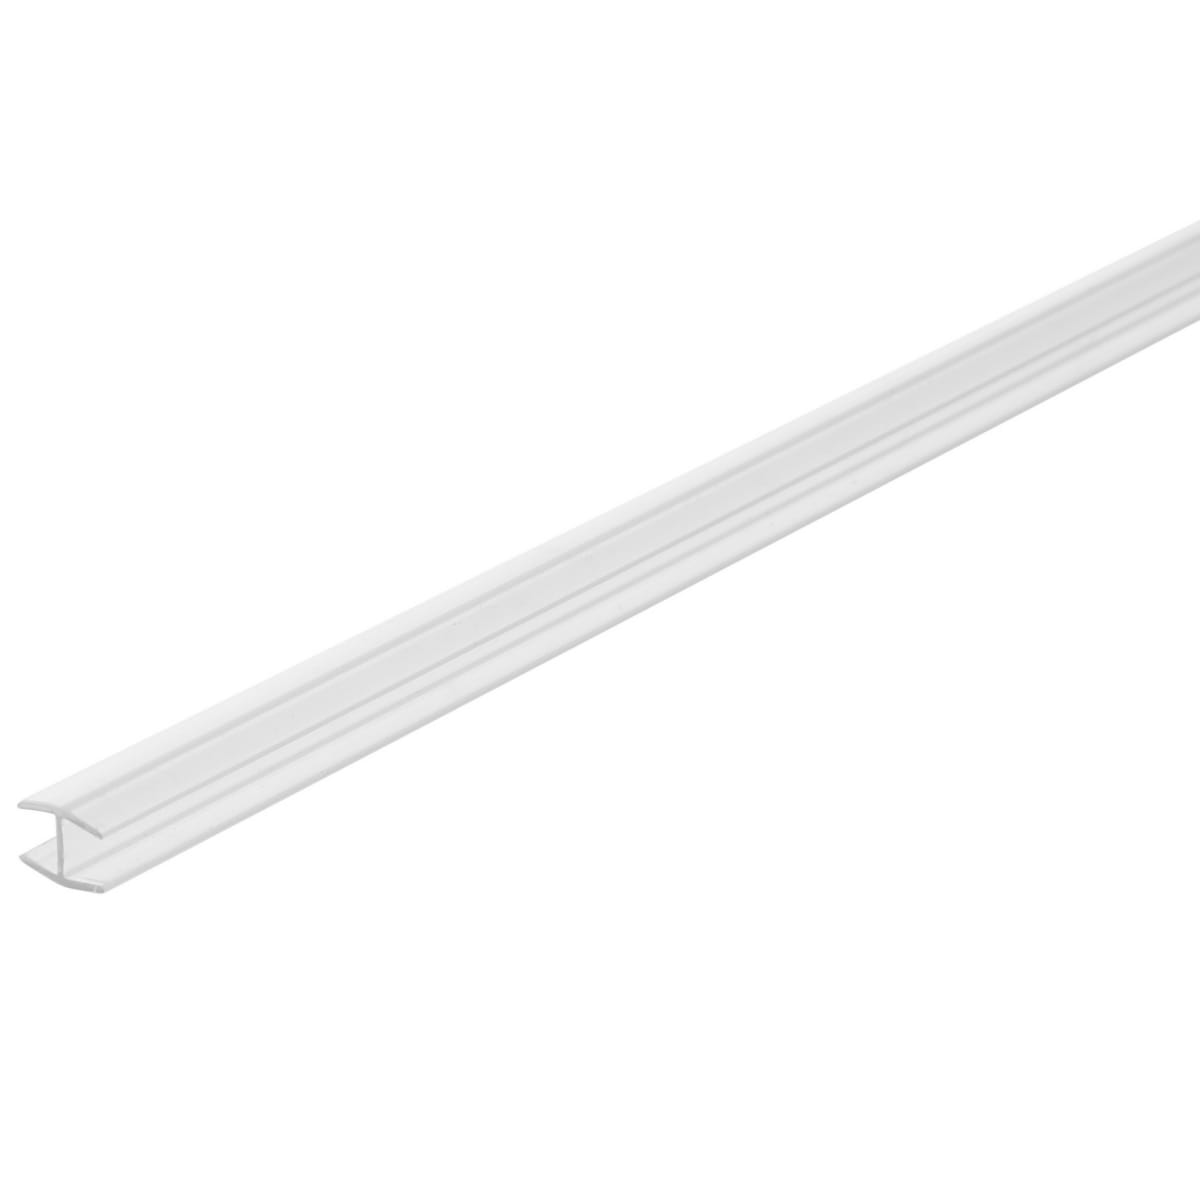 Профиль соединительный Н-образный для стеновой панели, 60х0.4 см, пластик